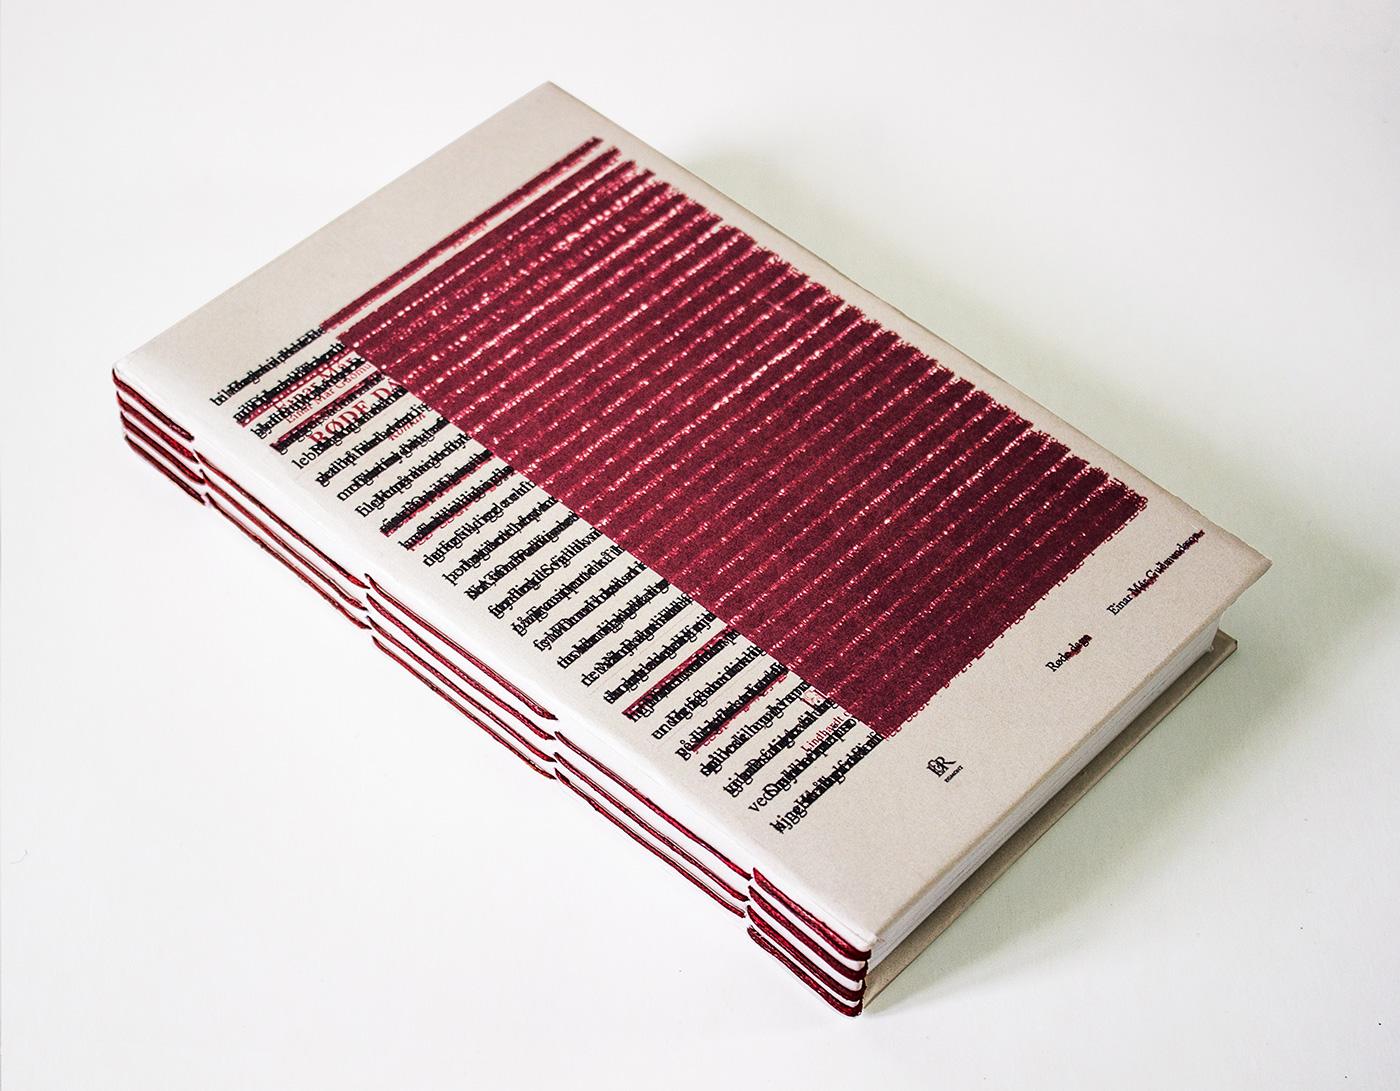 book_cover_design_artist_kunstner_graphic_designer_grafisk_designer_marie_broegger_layout_typografi_typography-5